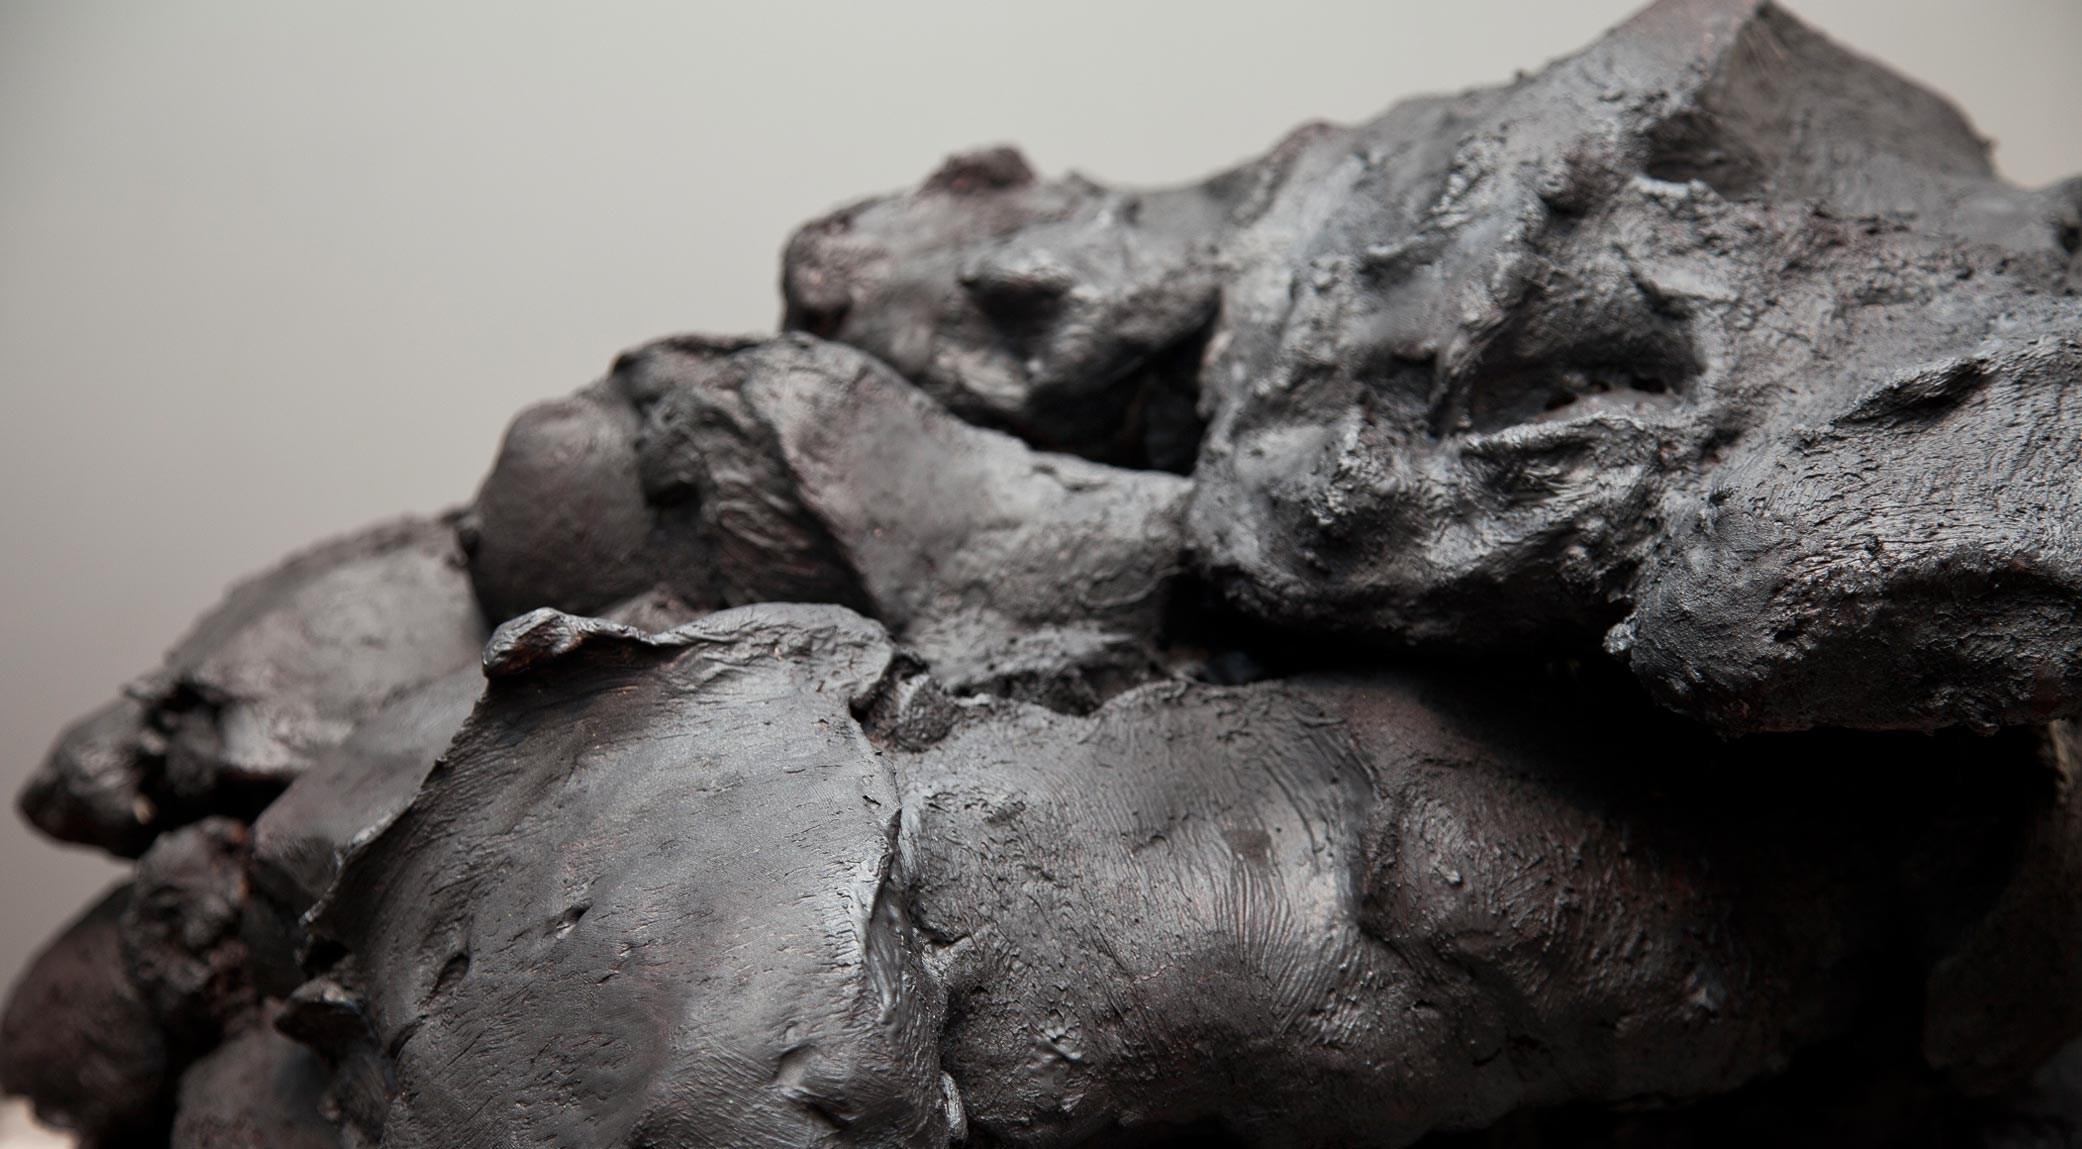 Natascia-Fenoglio-Lava-Project